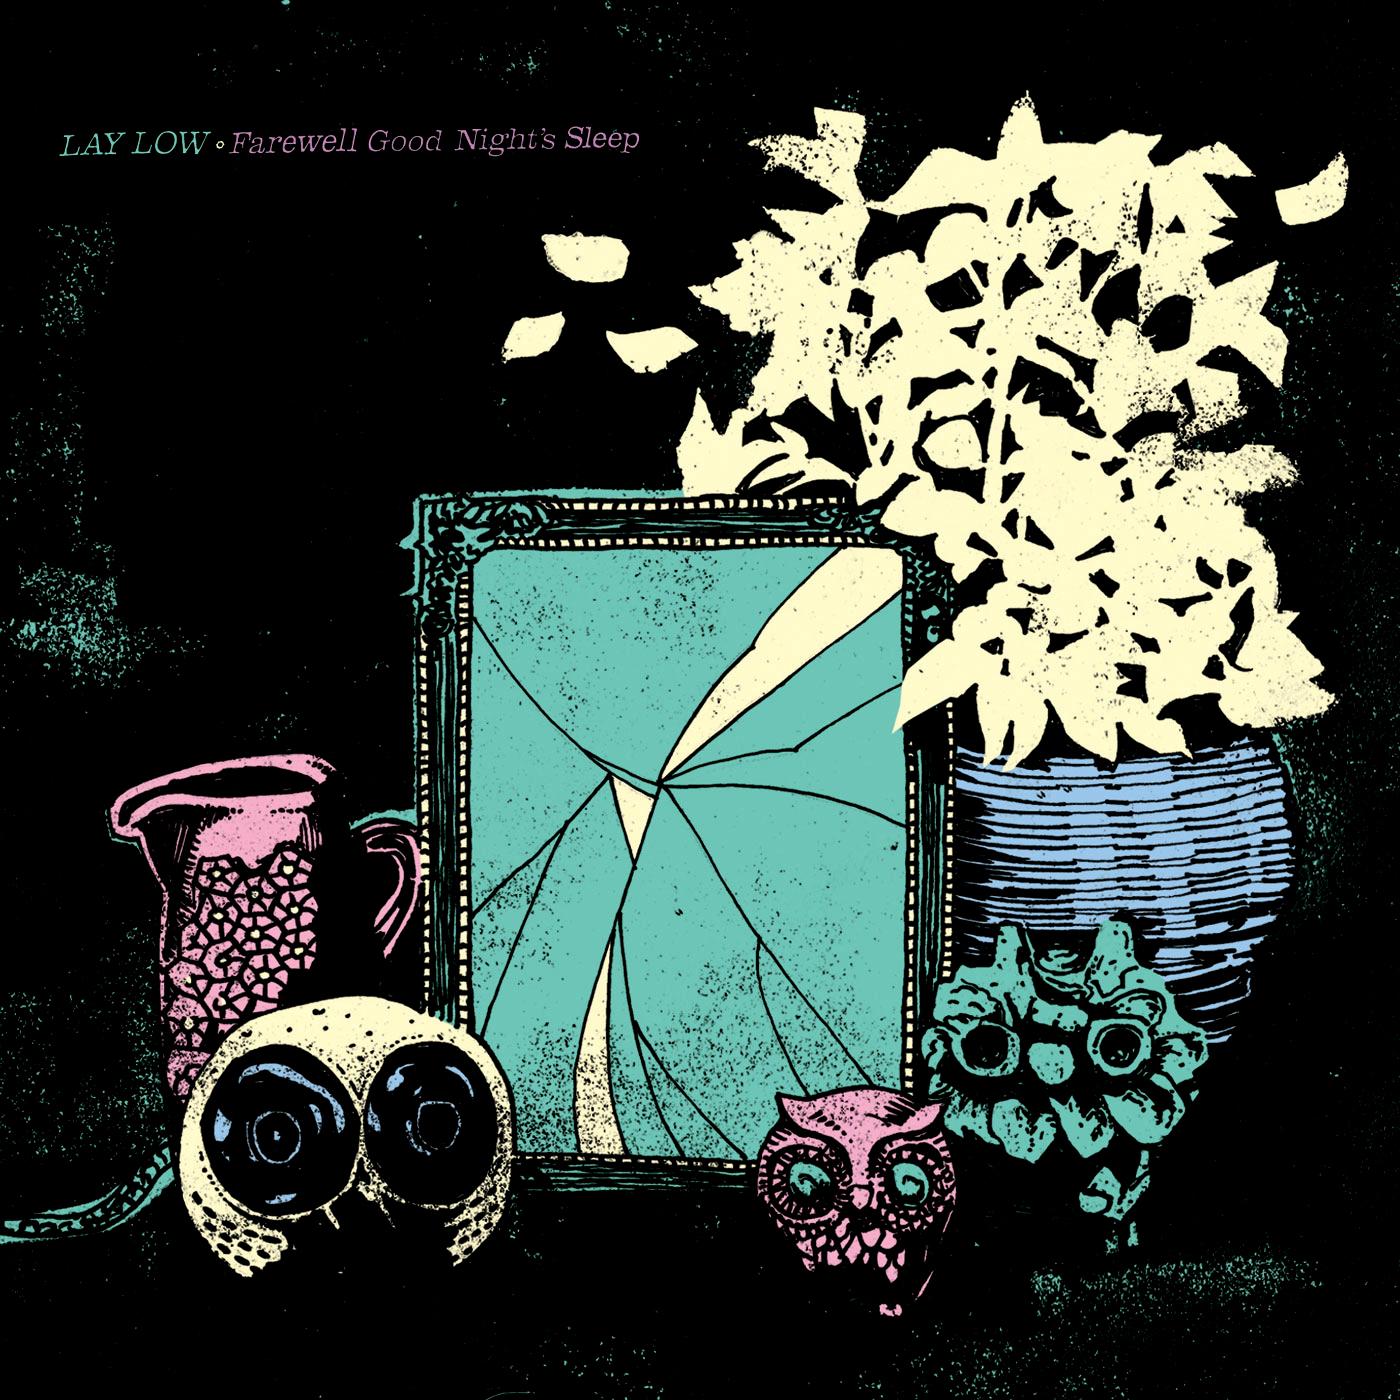 http://1.bp.blogspot.com/-K7jatQNbUx4/TnLtisAqVII/AAAAAAAAApY/yax3X3gxoXQ/s1600/cover.jpg